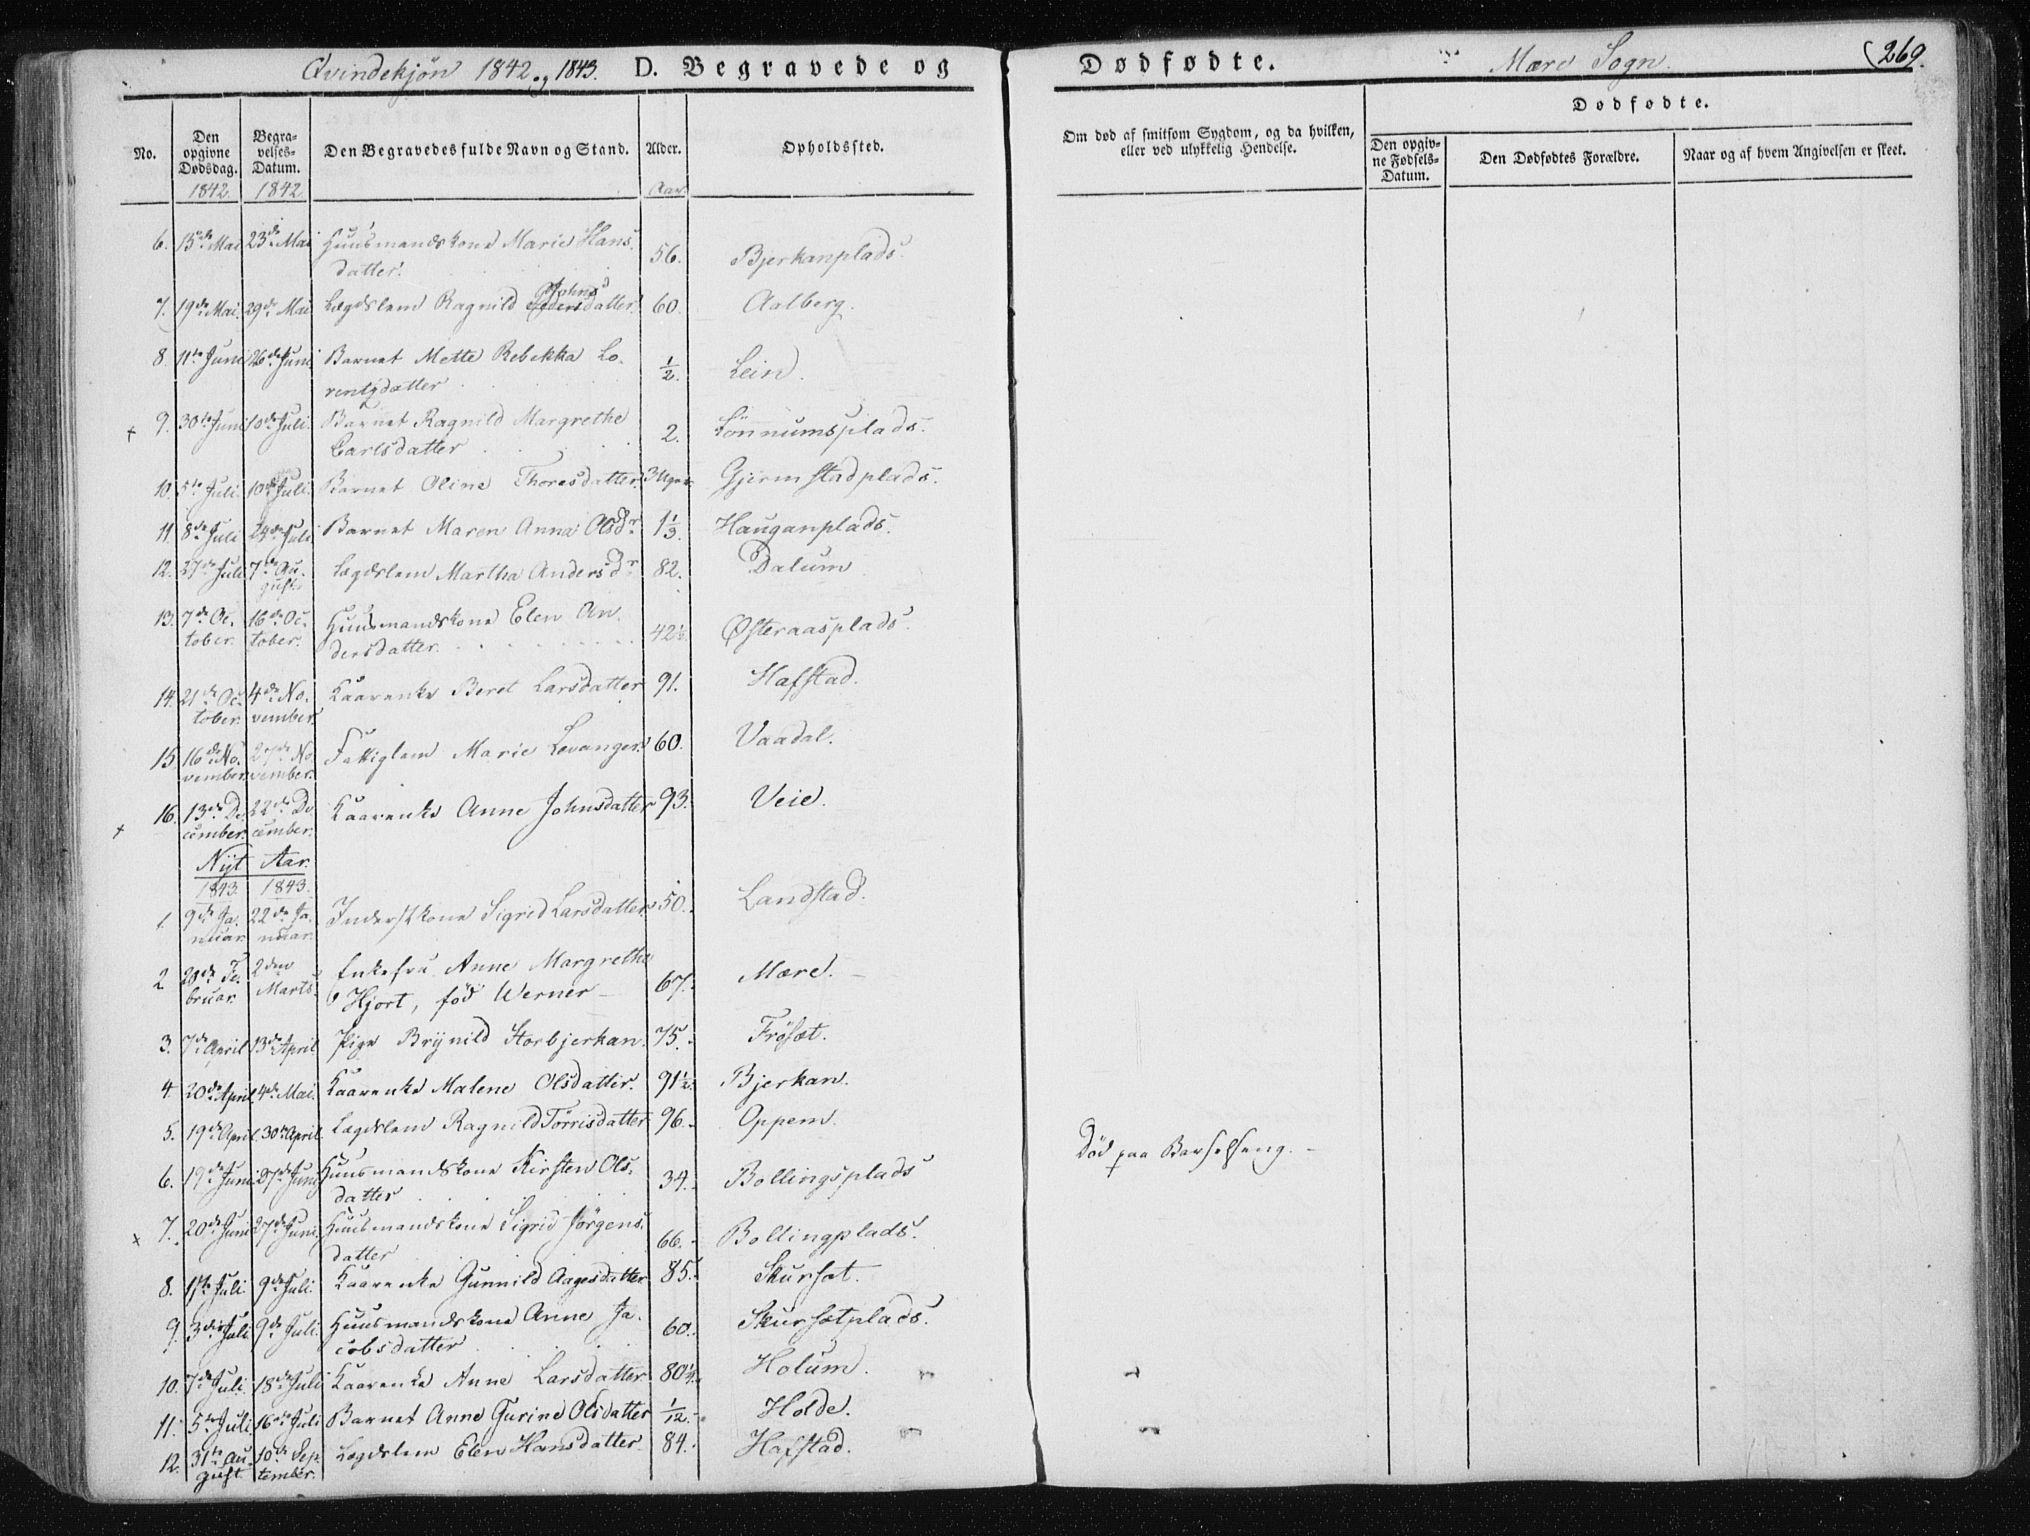 SAT, Ministerialprotokoller, klokkerbøker og fødselsregistre - Nord-Trøndelag, 735/L0339: Ministerialbok nr. 735A06 /1, 1836-1848, s. 269